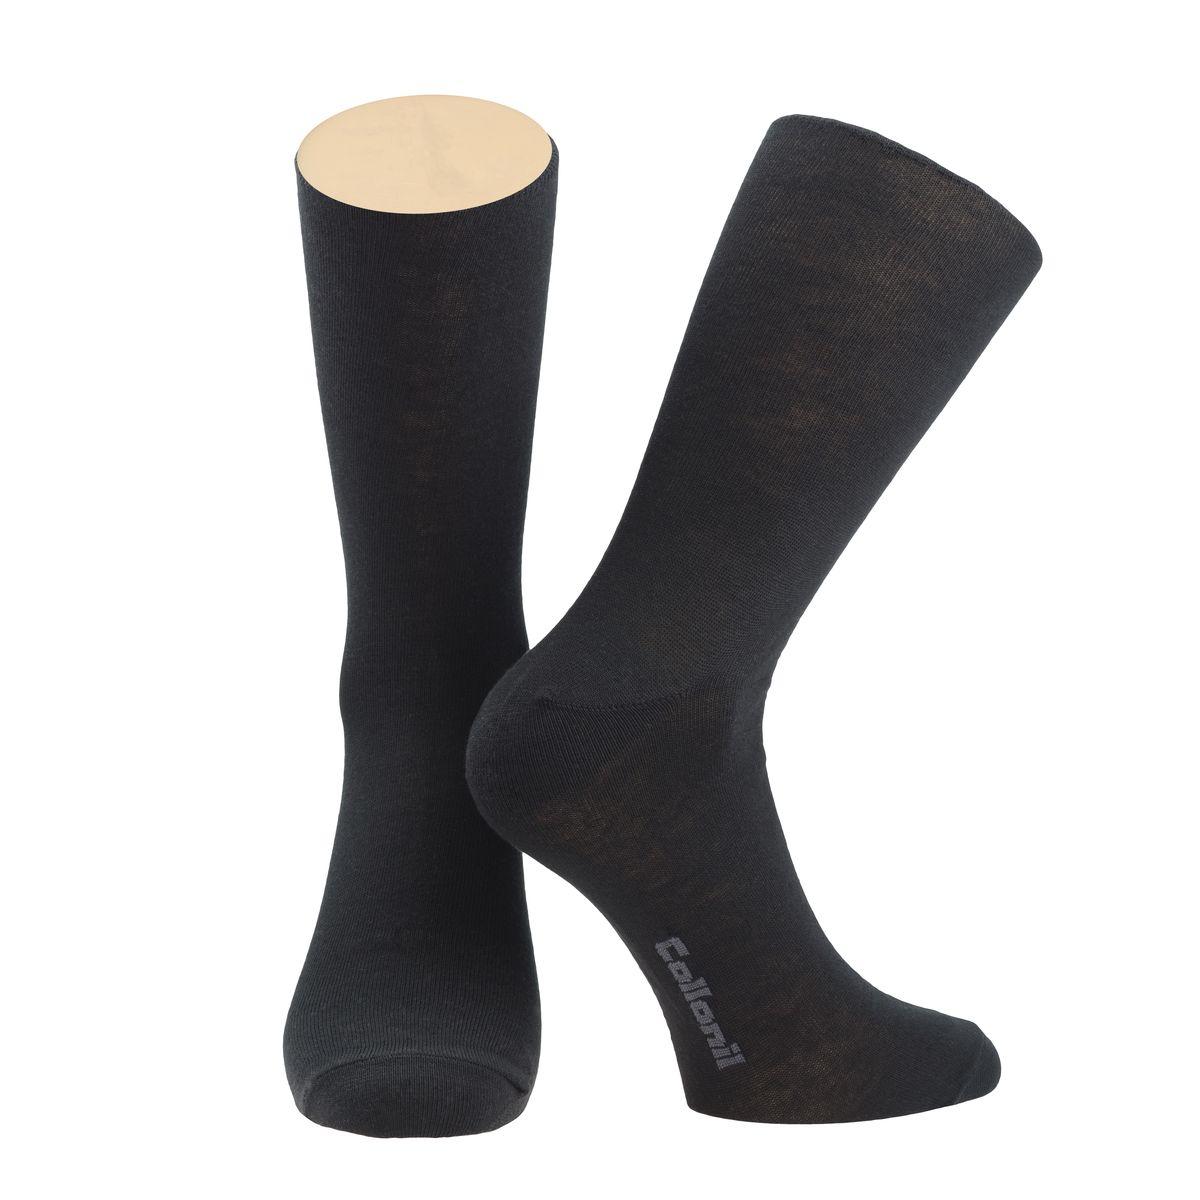 Носки мужские Collonil, цвет: черный. CE3-44/01. Размер 39-42CE3-44/01Носки Collonil изготовлены из натурального хлопка с добавлением шерсти и эластана, удобных и приятных при носке. Эластичная резинка плотно облегает ногу, не сдавливая ее, обеспечивая комфорт и удобство.